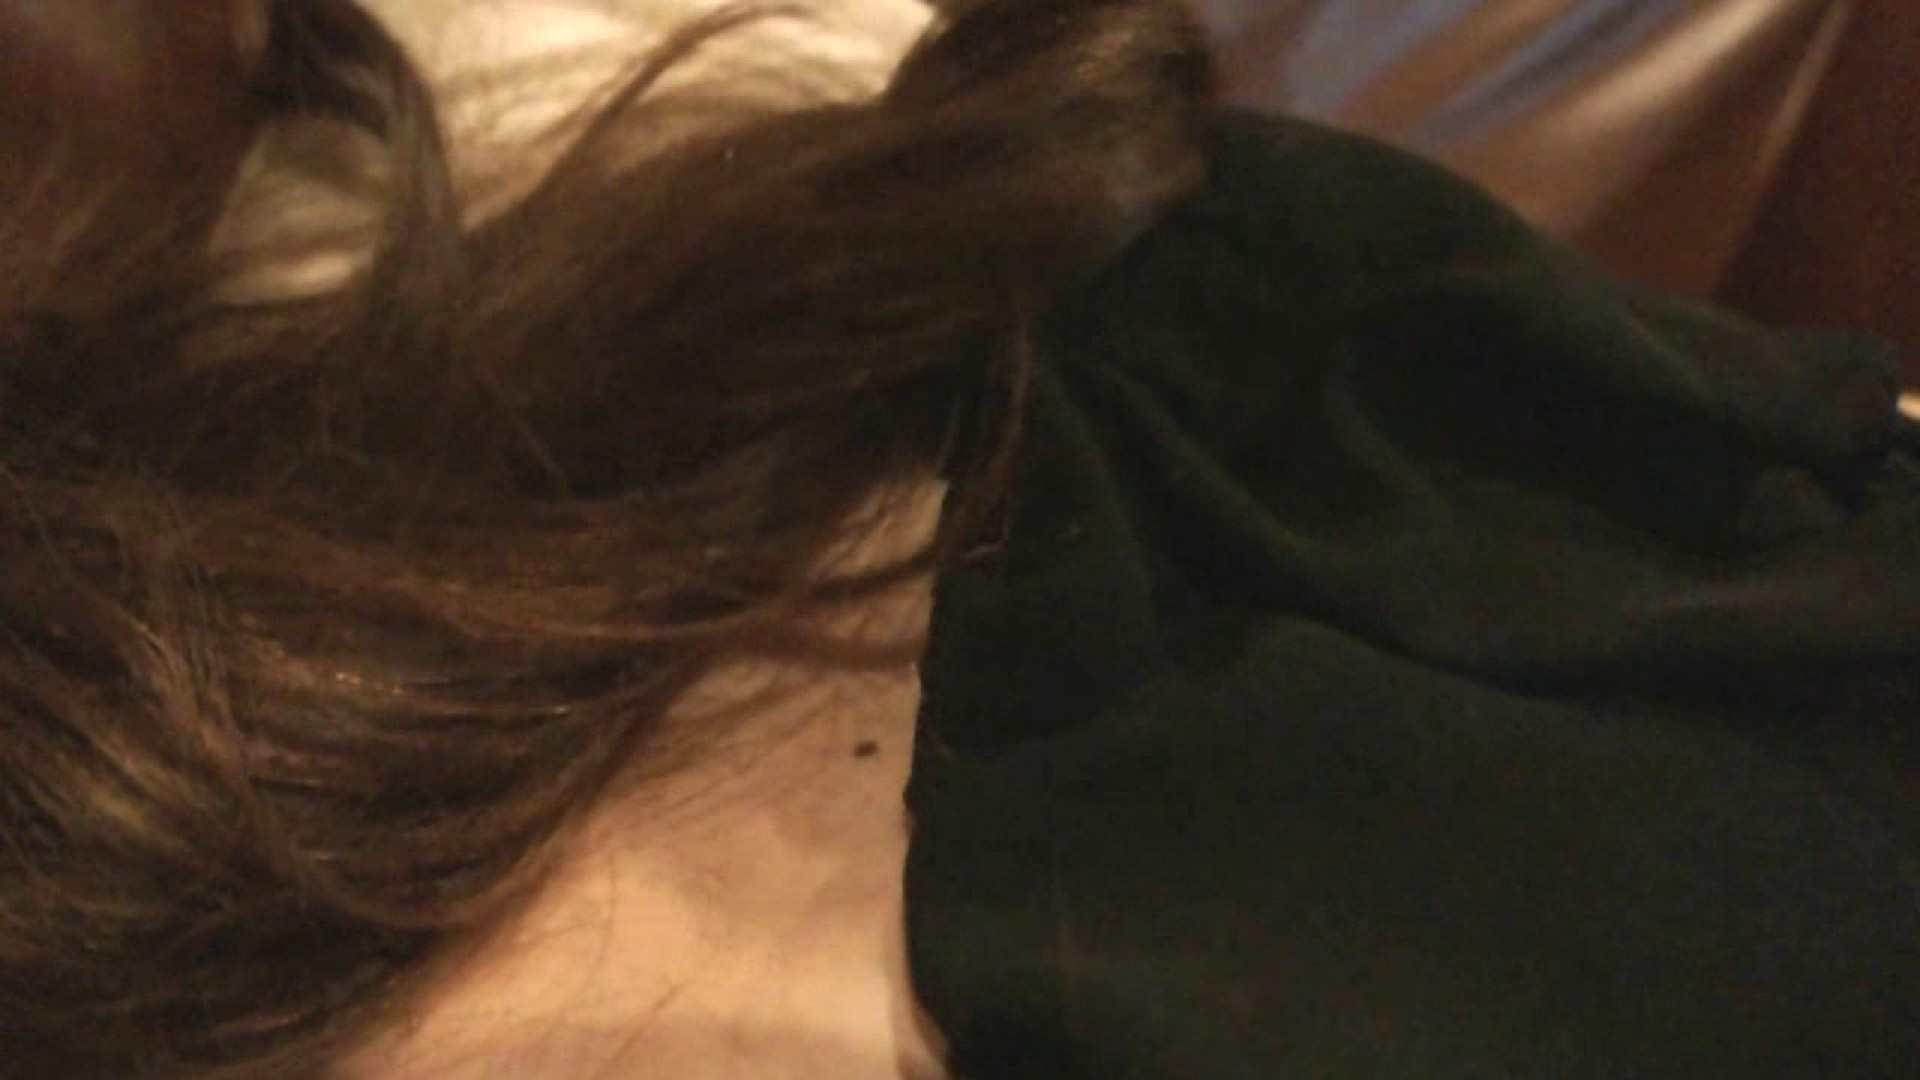 魔術師の お・も・て・な・し vol.10 19歳女子大生にカラオケでイタズラ 萌え女子大生 | OL女体  79連発 49